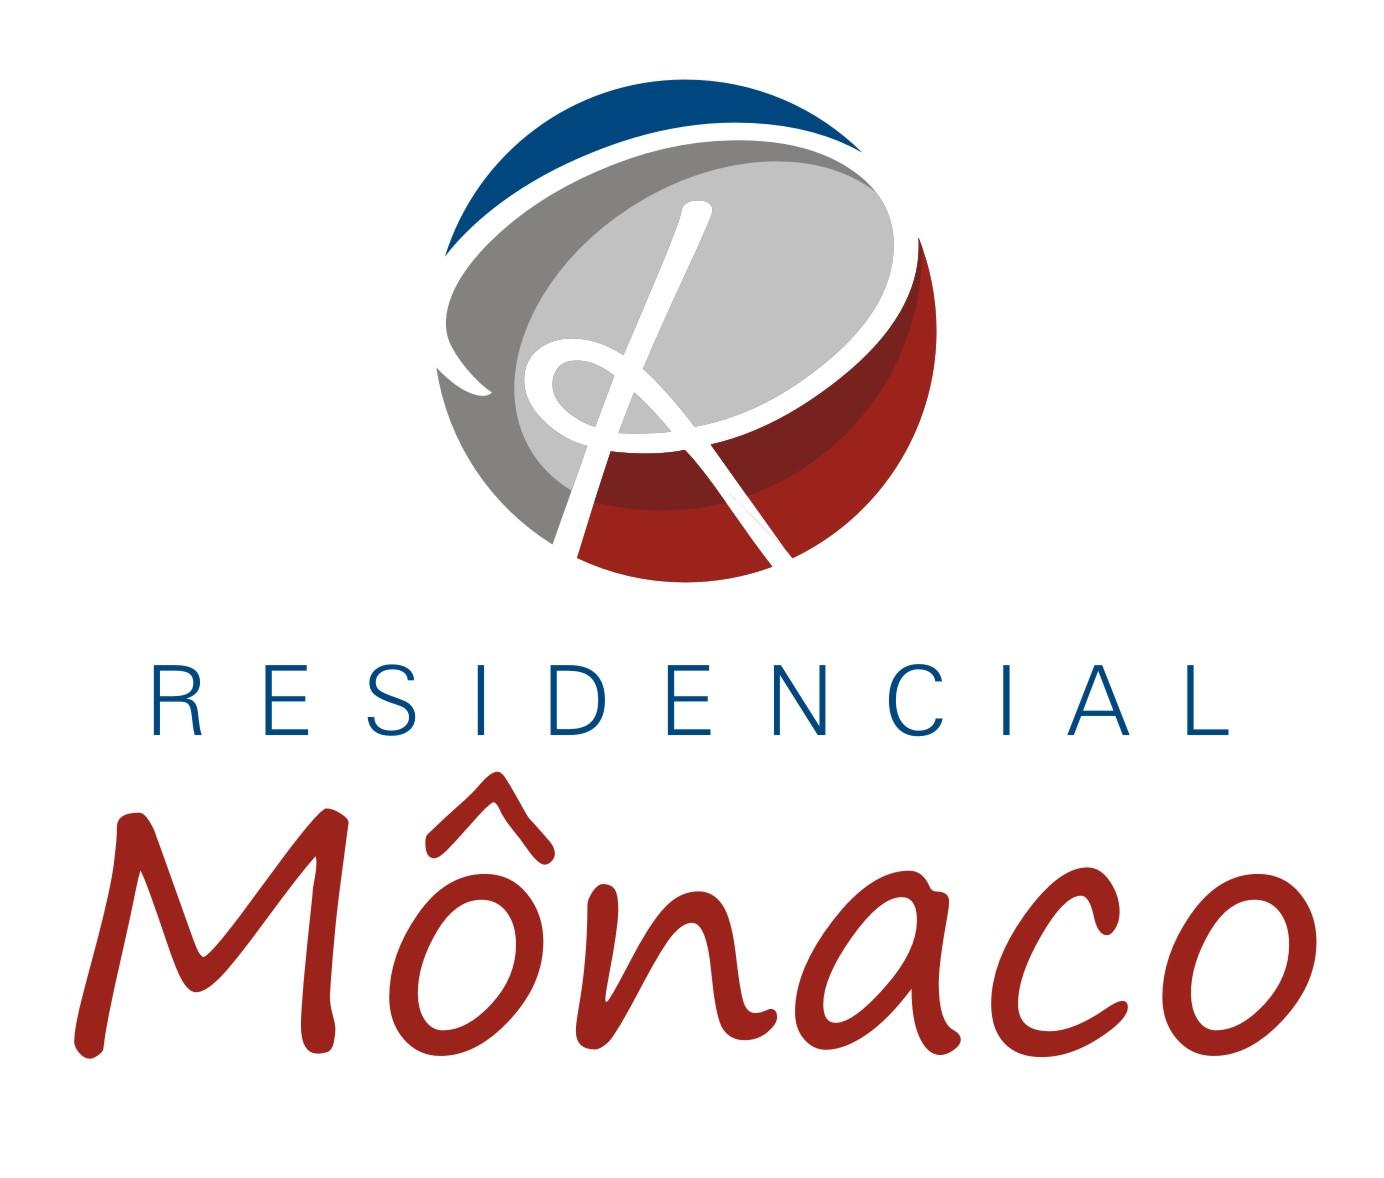 https://i0.wp.com/s3.amazonaws.com/dinder.com.br/wp-content/uploads/sites/521/2019/07/logo-M%C3%B4naco.jpg?ssl=1